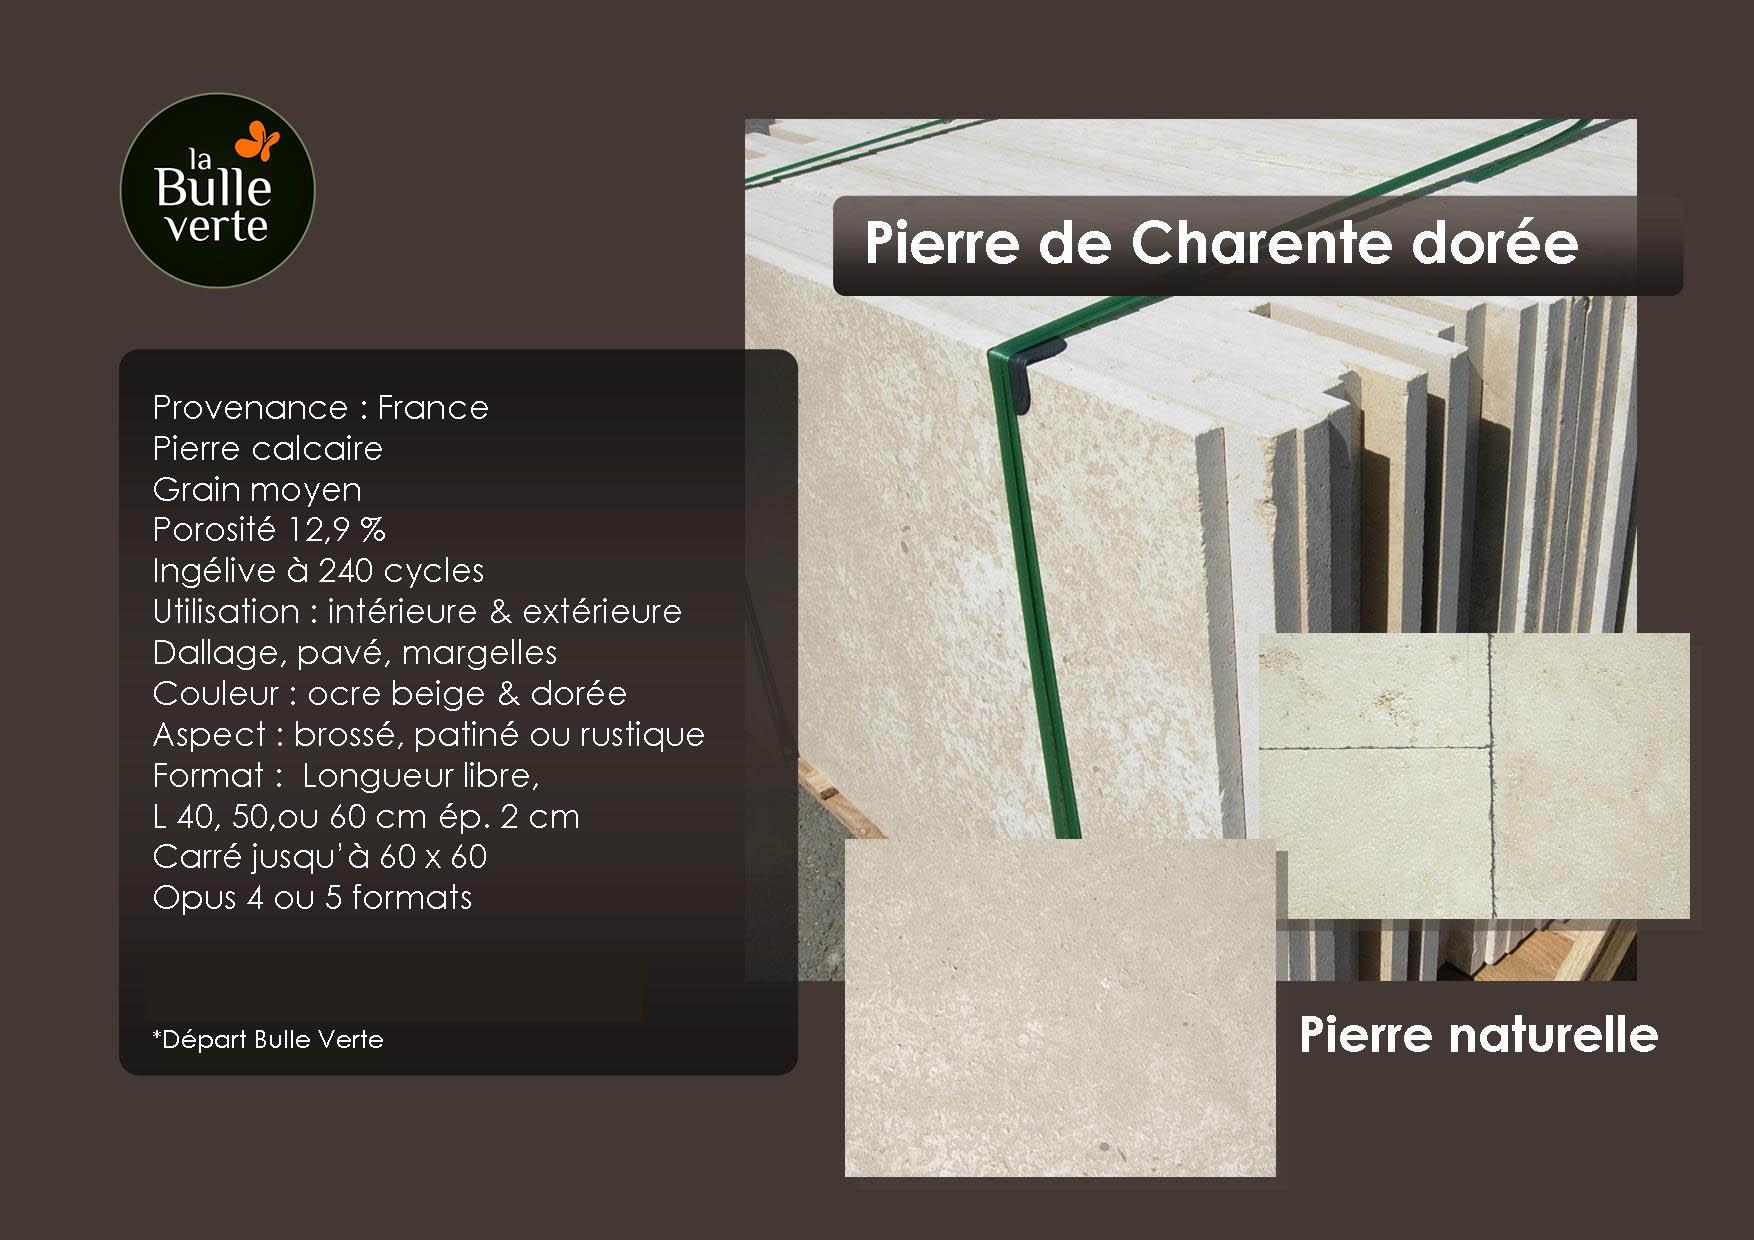 Pierre de Charente dorée - pierre naturelle - La Bulle Verte